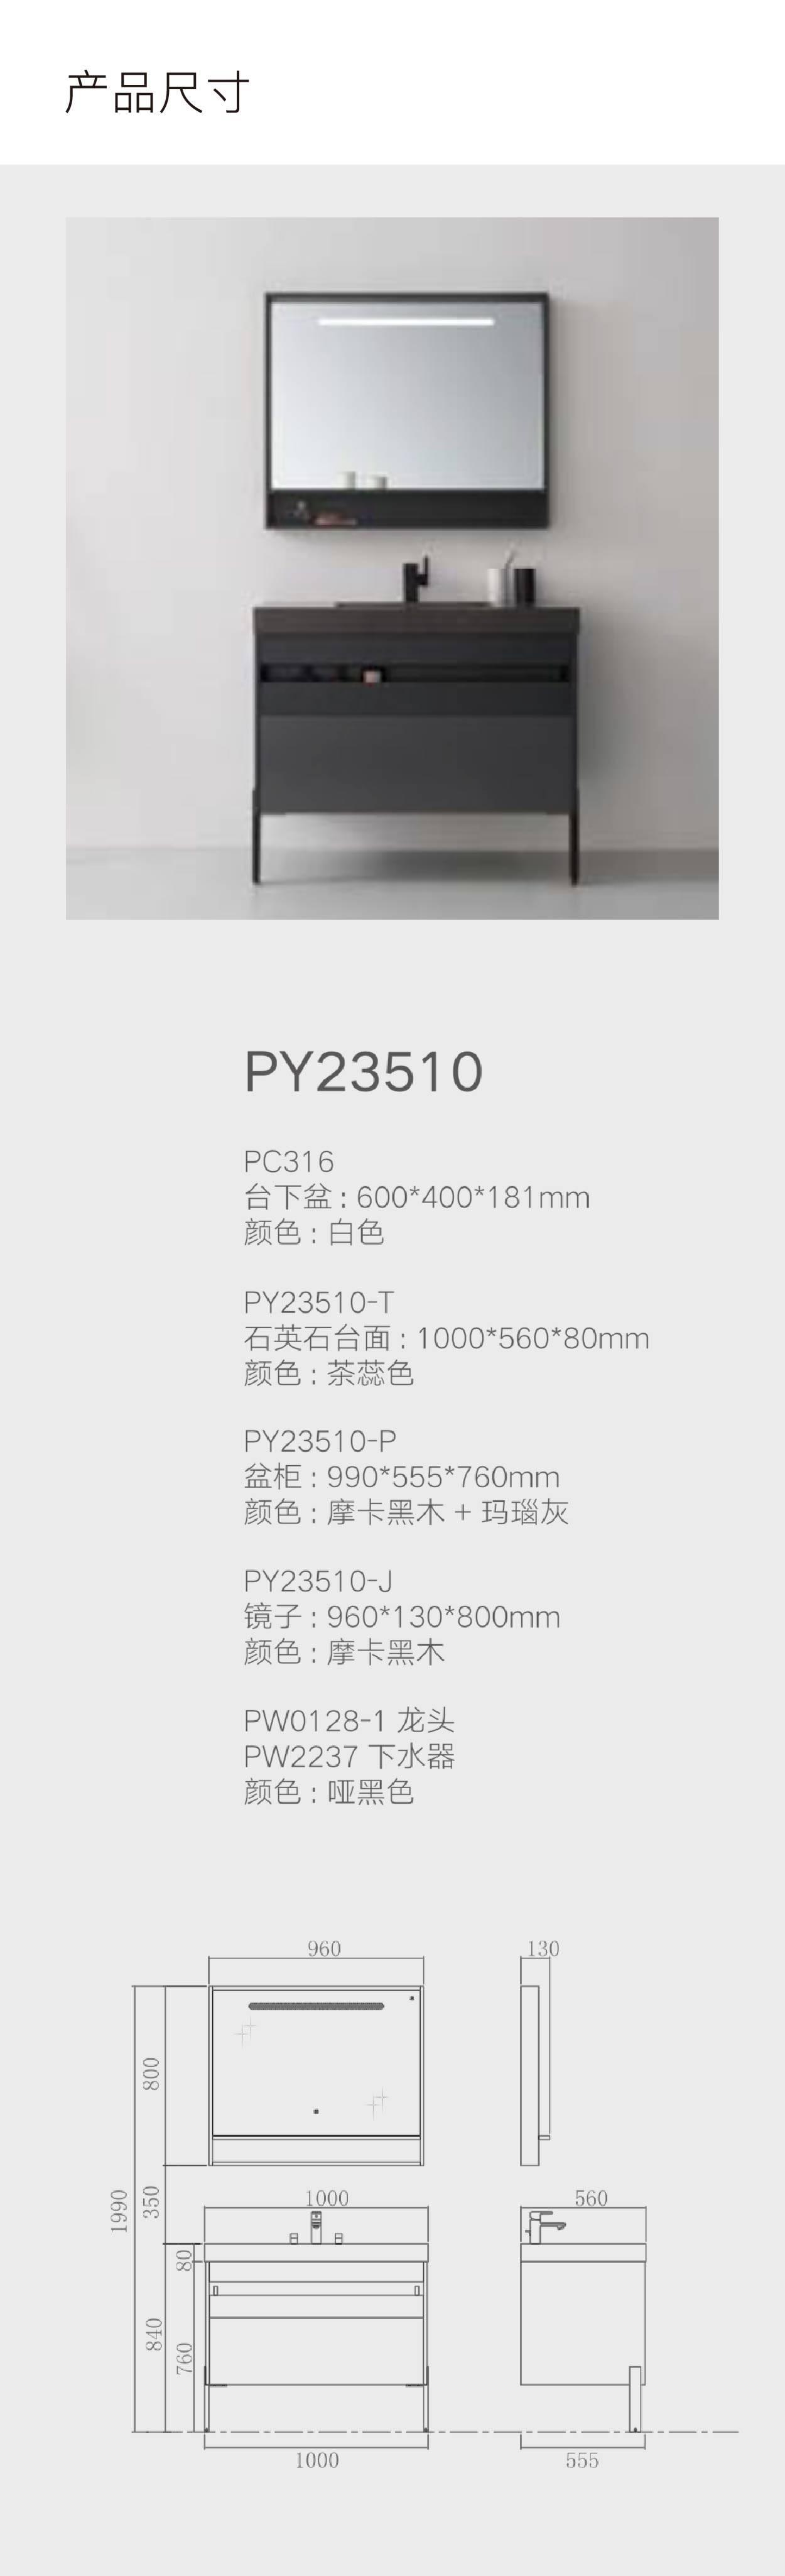 帕克斯-02